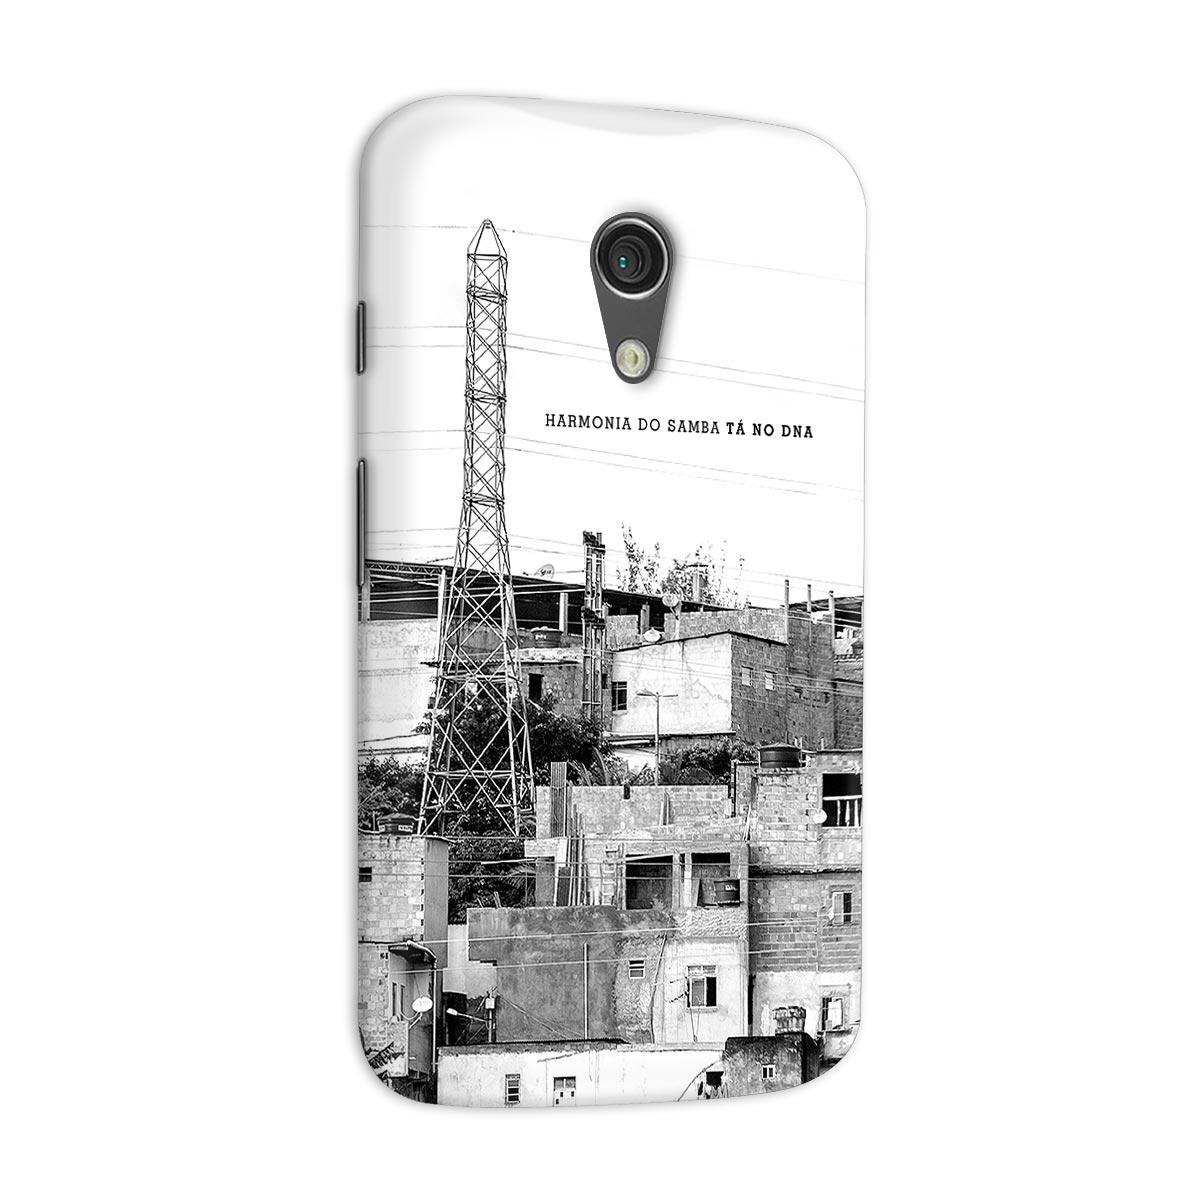 Capa para Motorola Moto G 2 Harmonia do Samba Tá no DNA